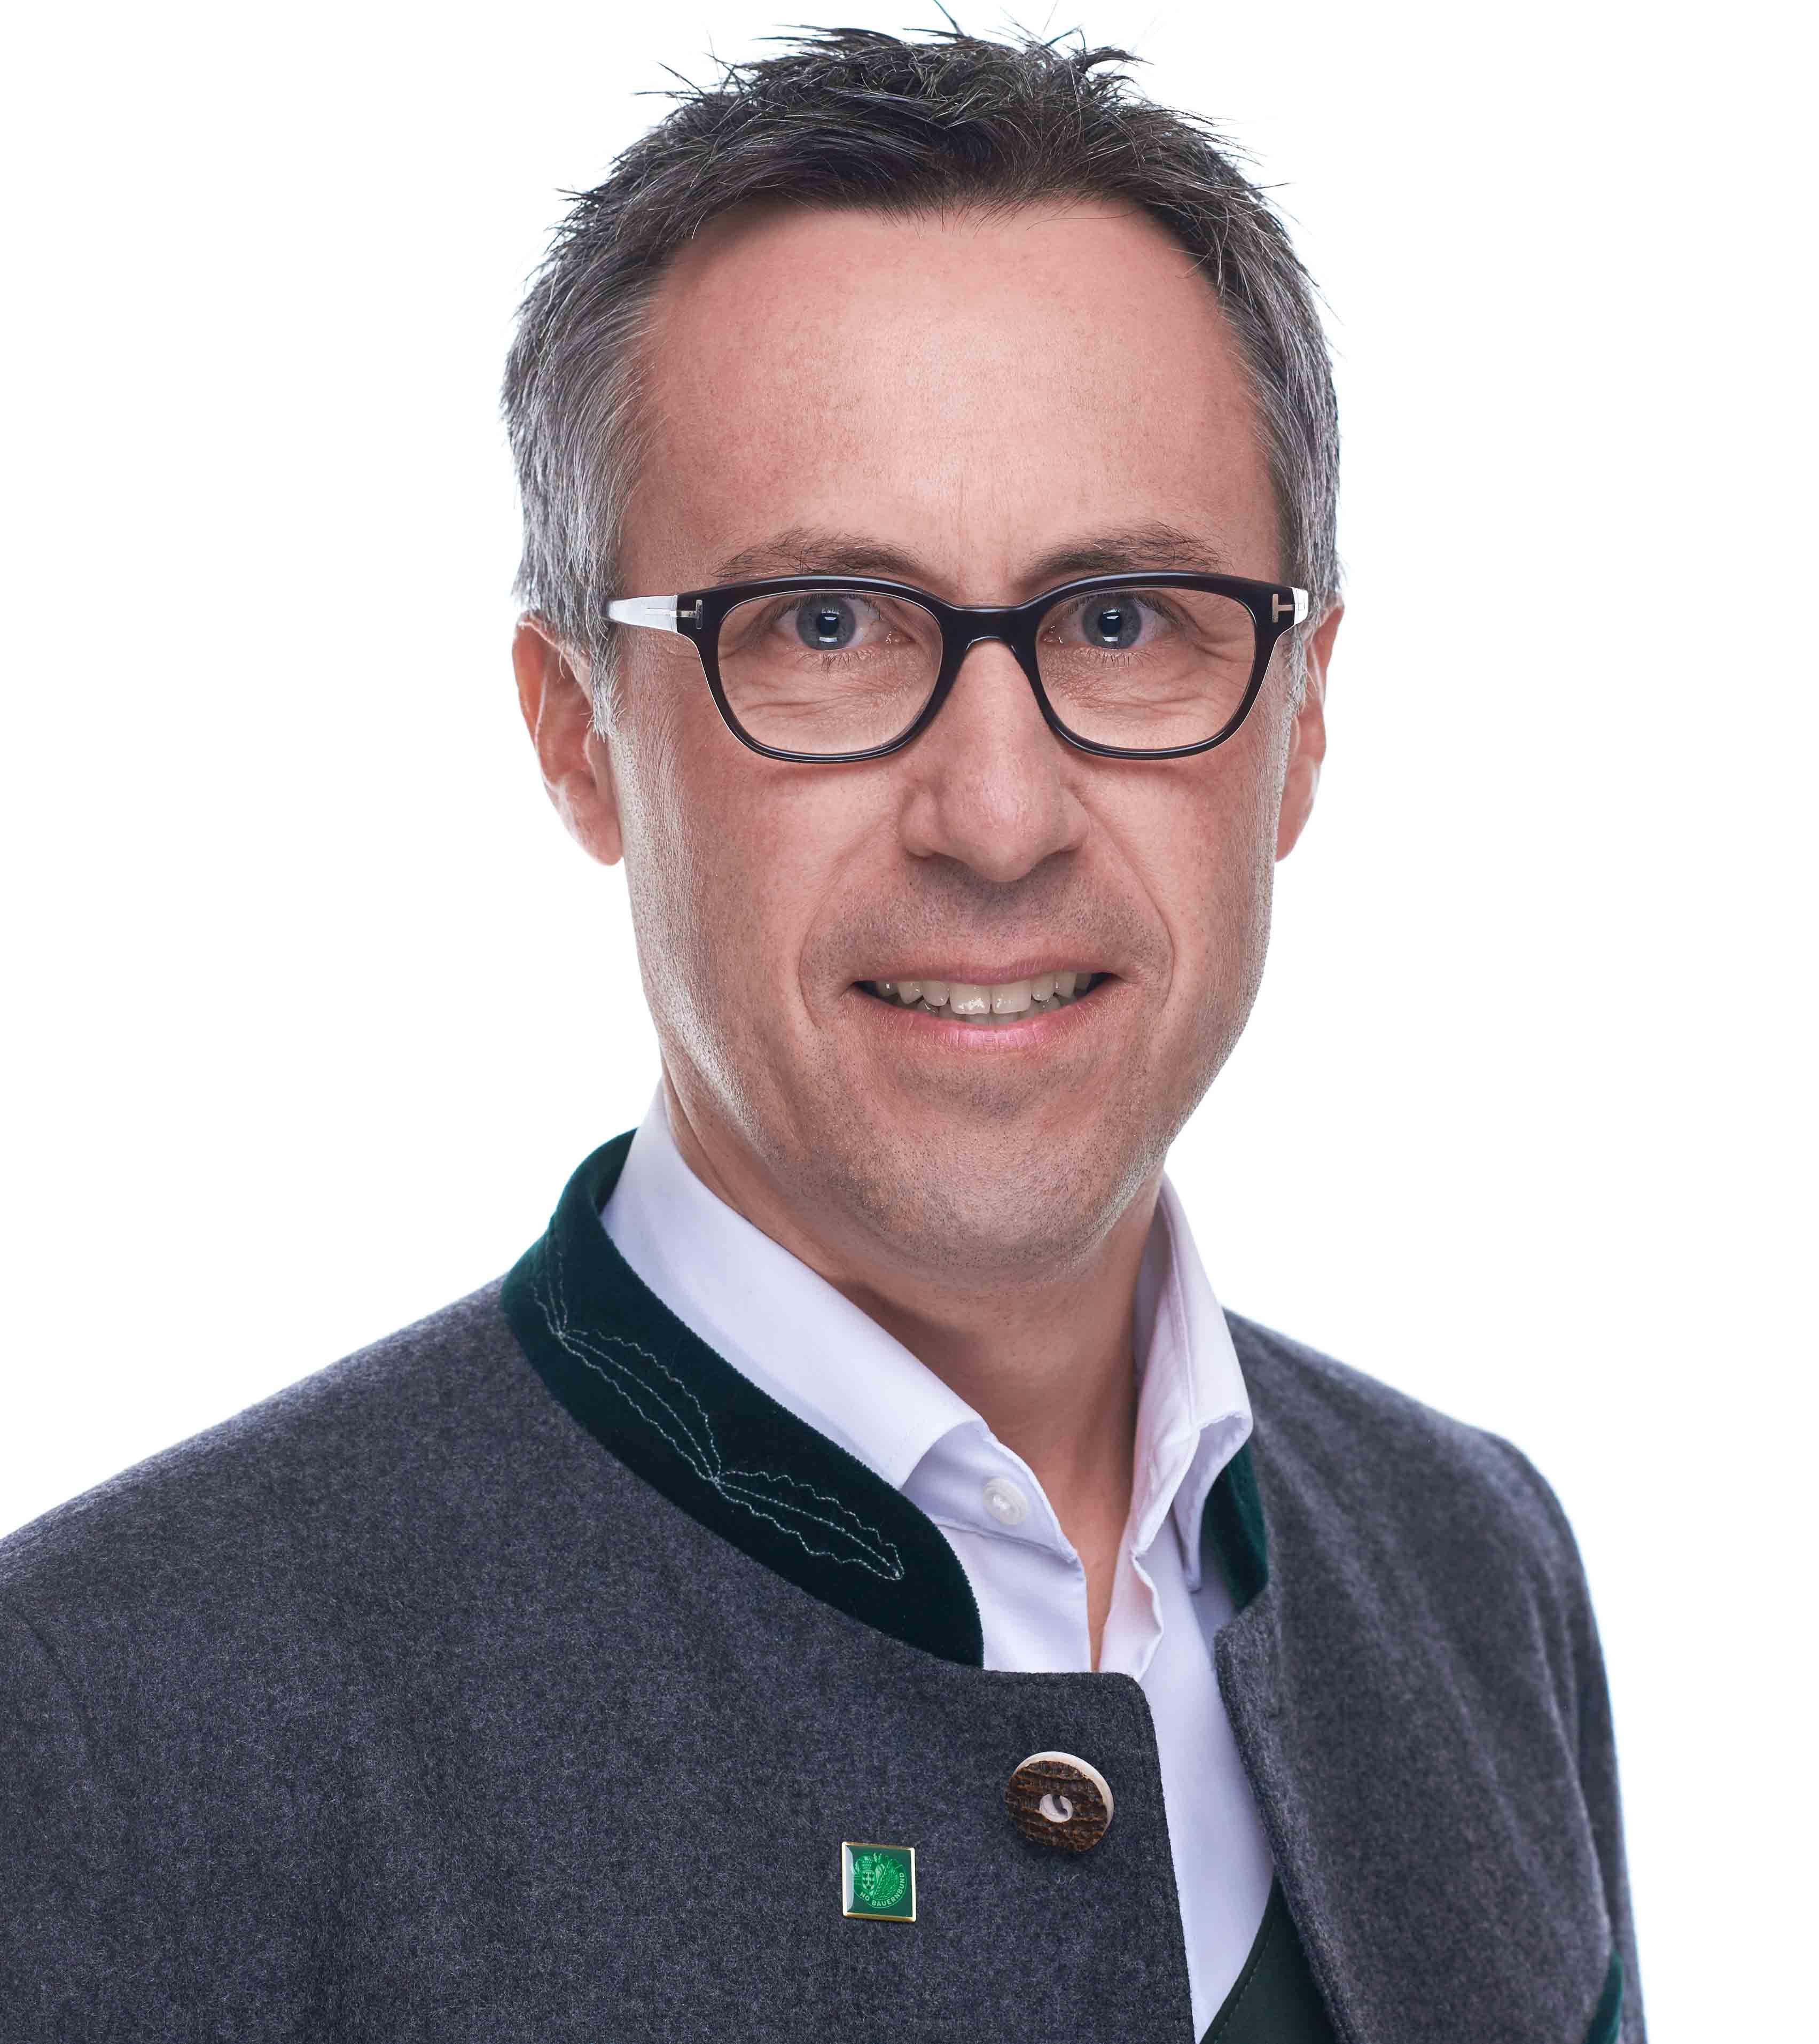 Georg Strasser